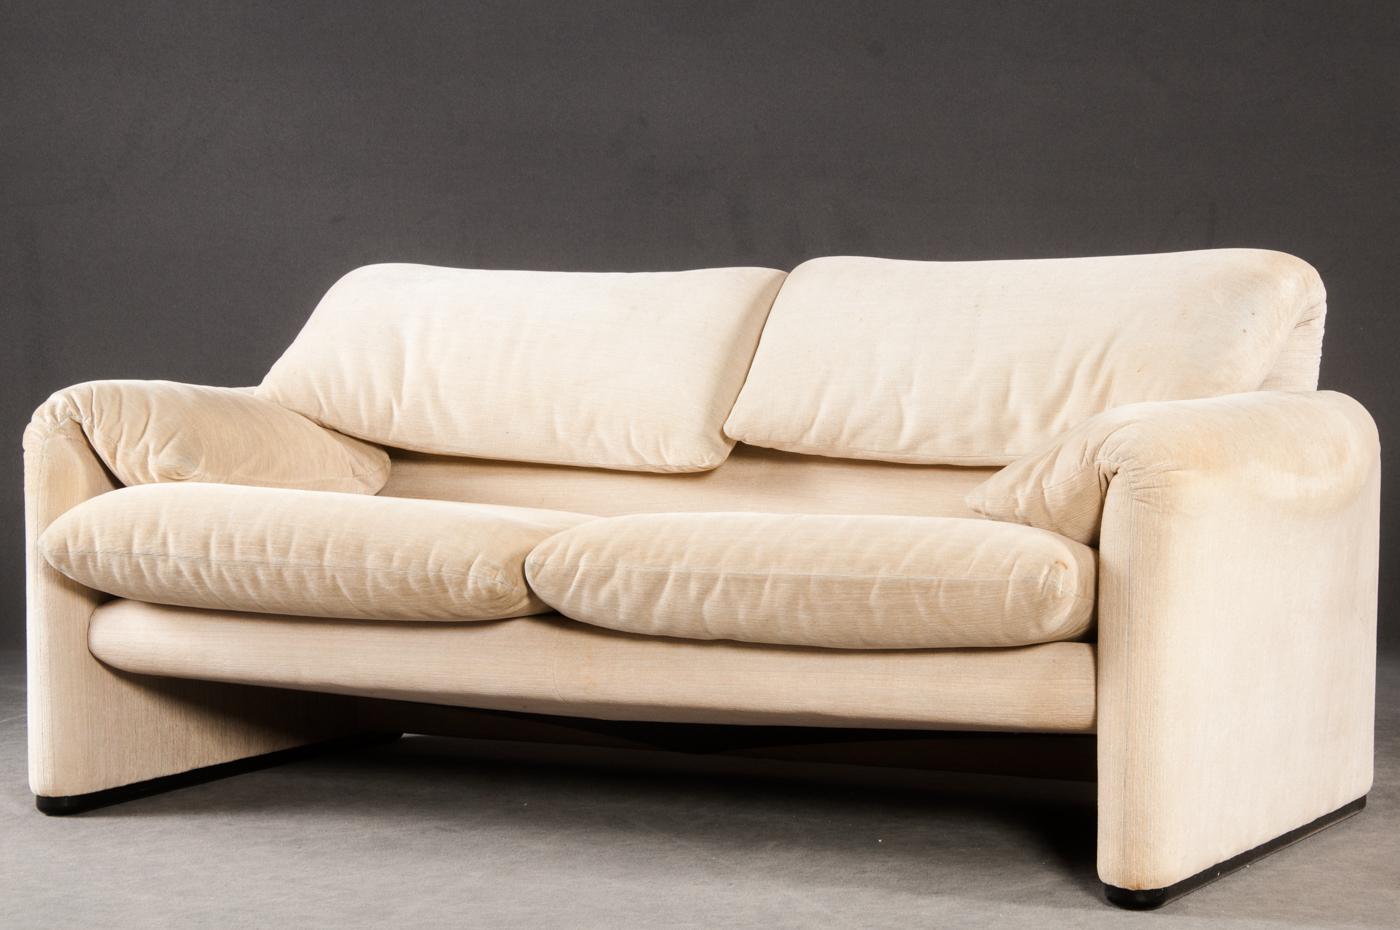 Verzauberkunst Zweisitzer Sofa Dekoration Von Vico Magistretti, Modell Maralunga, Für Cassina